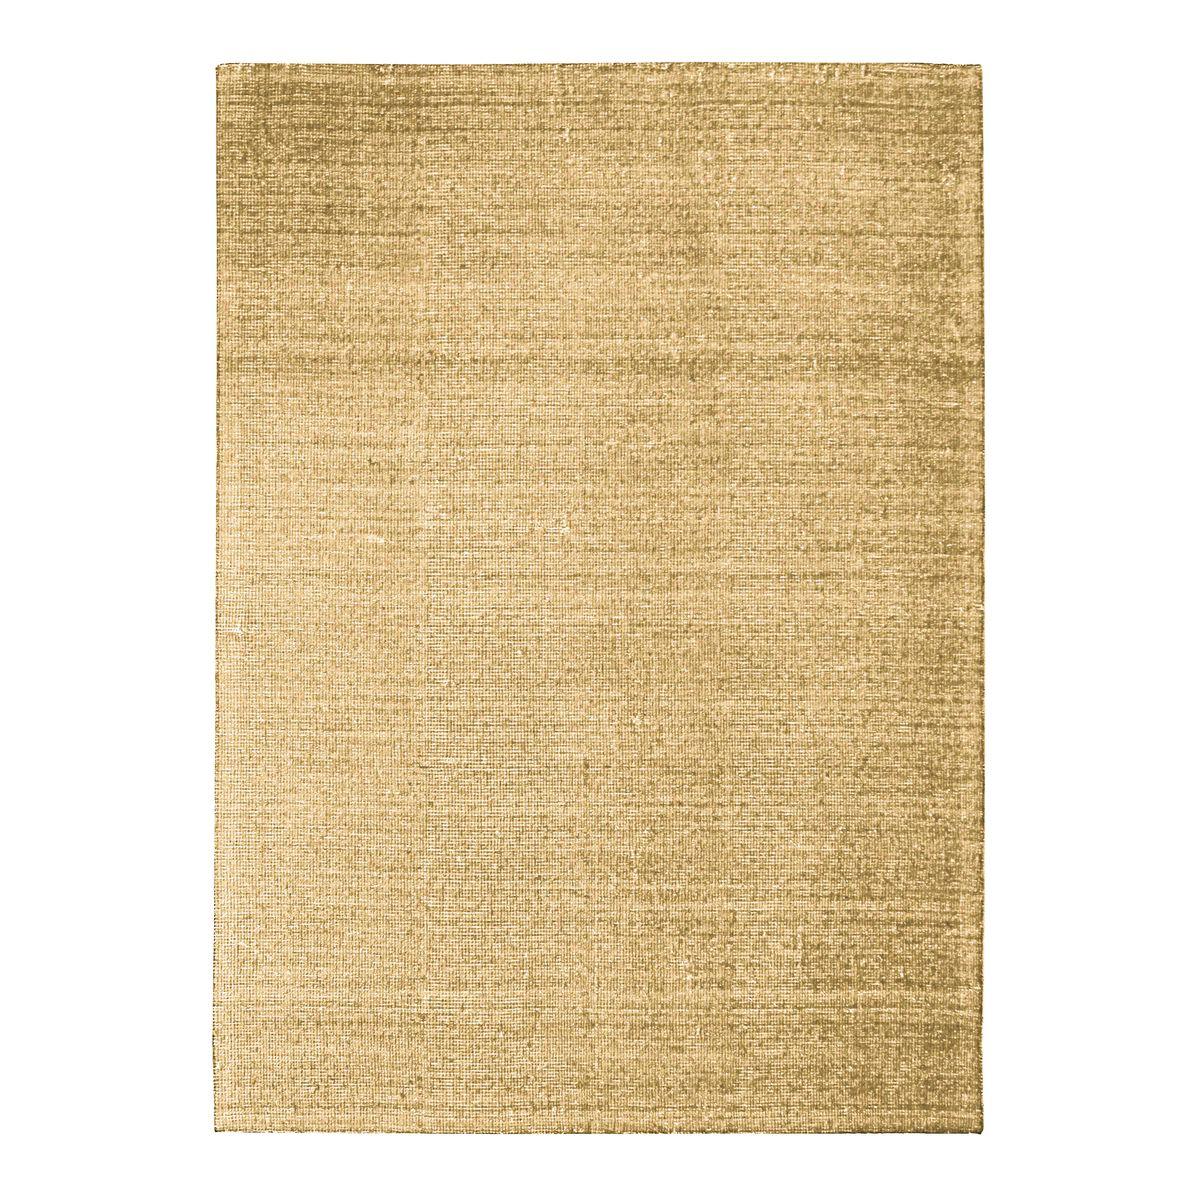 Tapis en laine et coton ocre 120x170